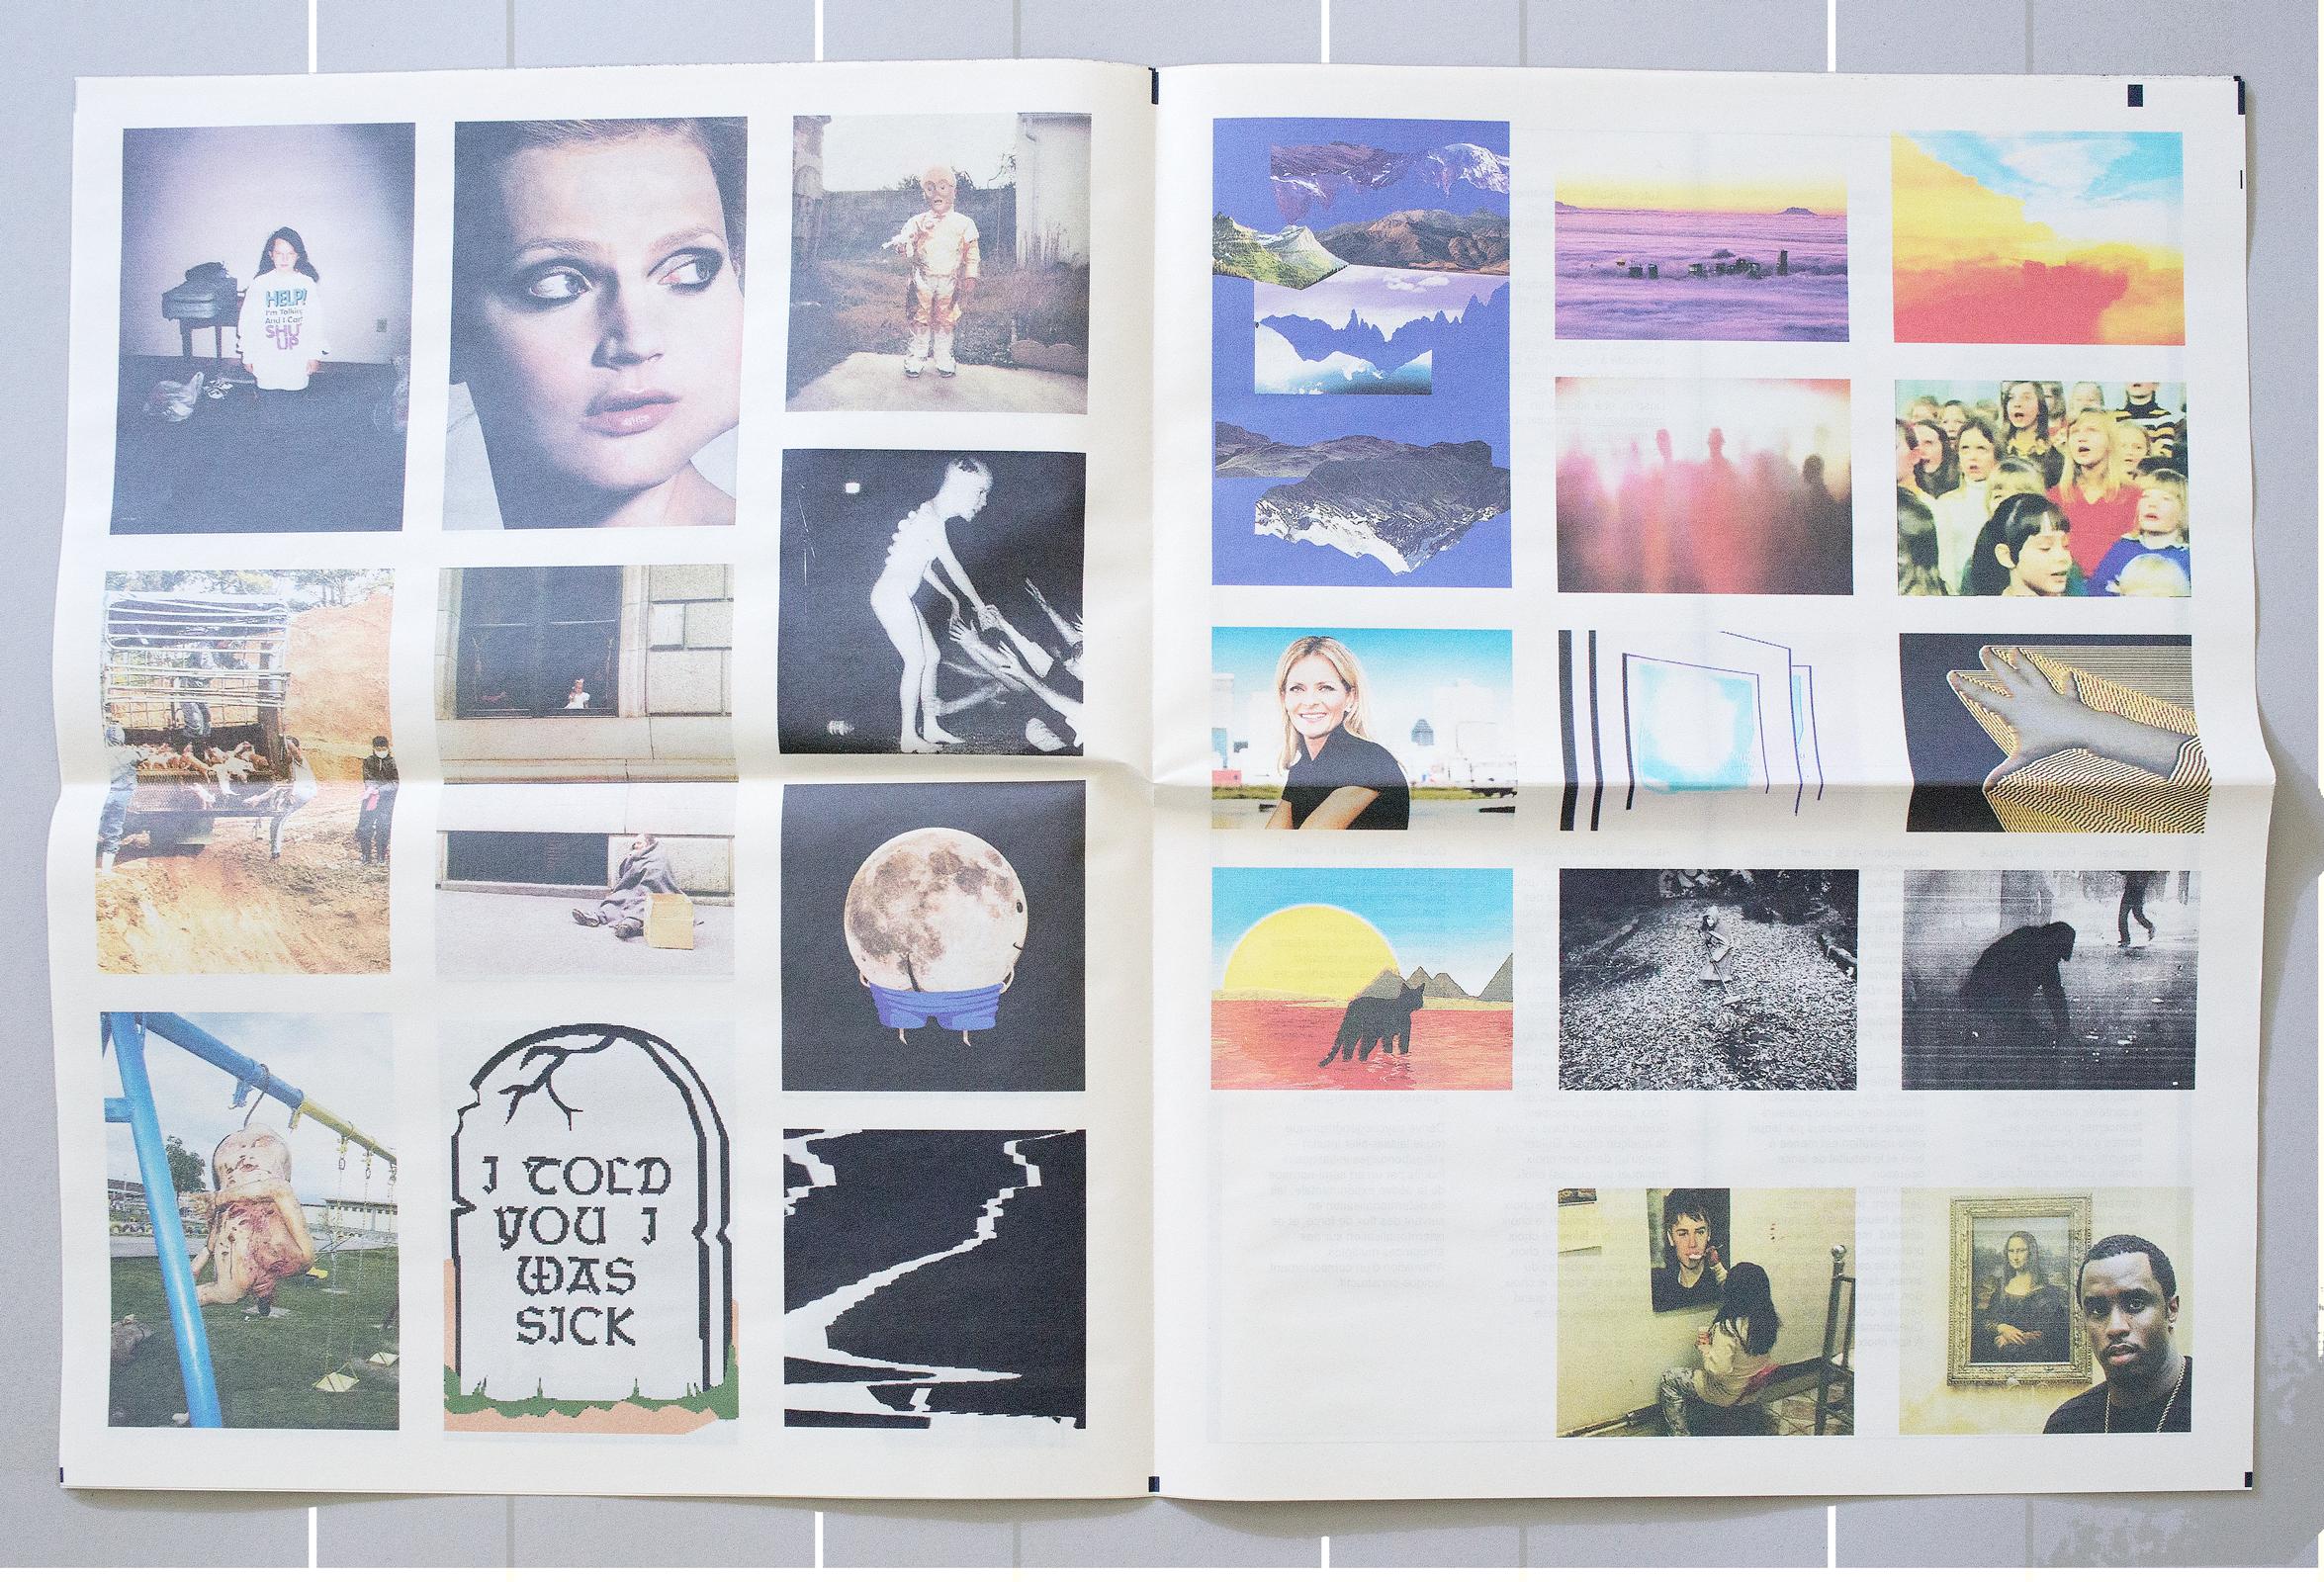 Double page de ma contribution au journal publié à l'occasion de l'exposition «A Cup Ful Skul» organisée par Fluck|Paulus à l'Institut suisse de Milan. Suite d'images trouvées.